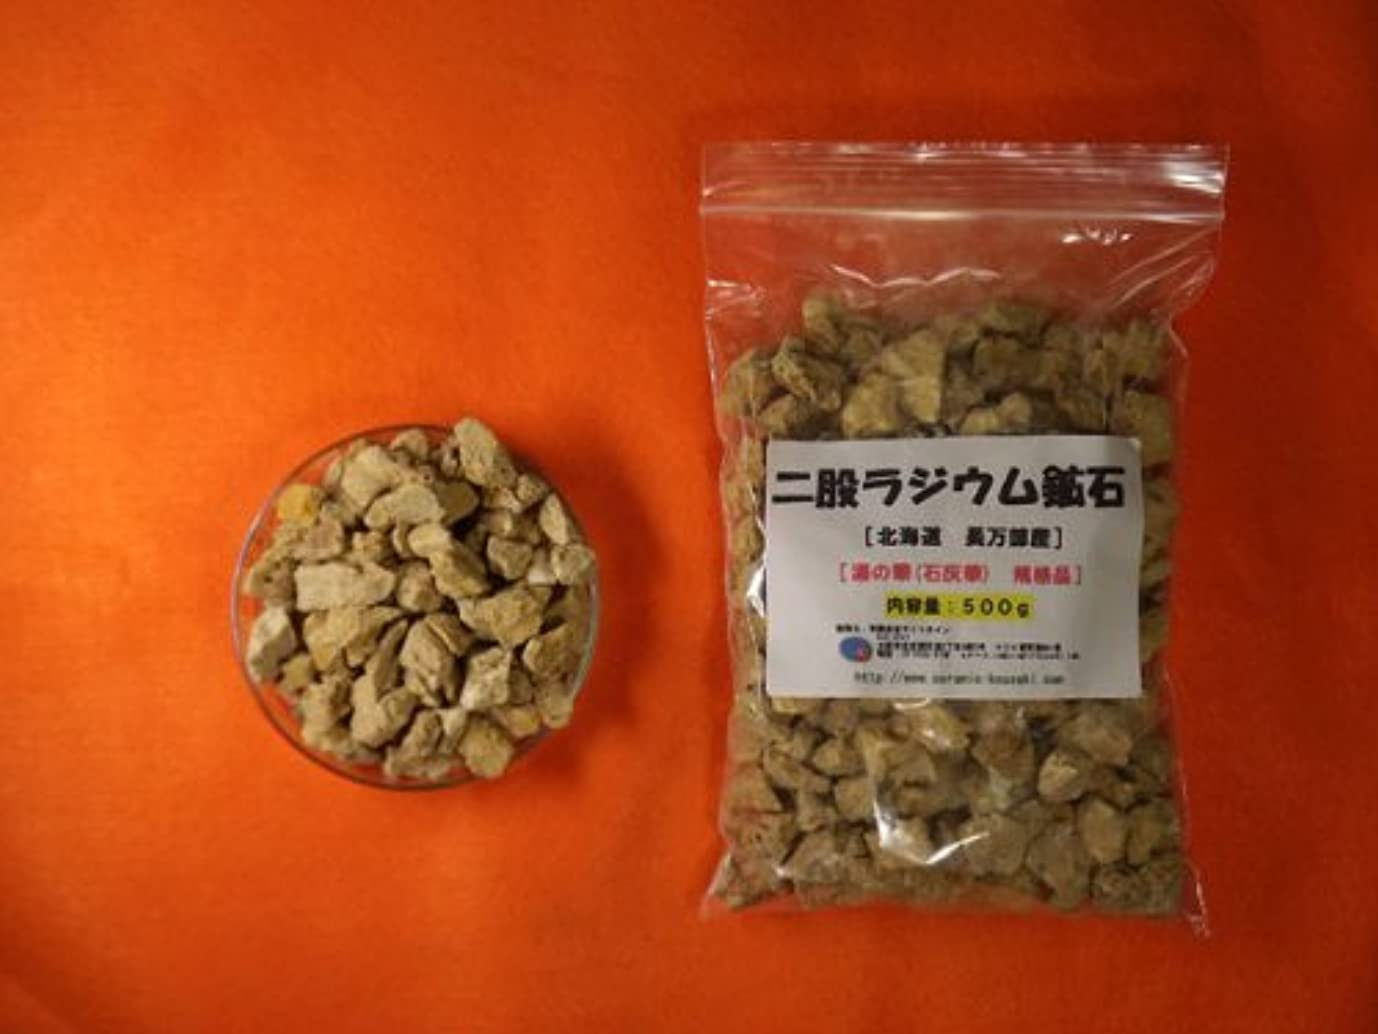 スポンジ軽食失礼な二股ラジウム鉱石 湯の華 [北海道 長万部産]500g